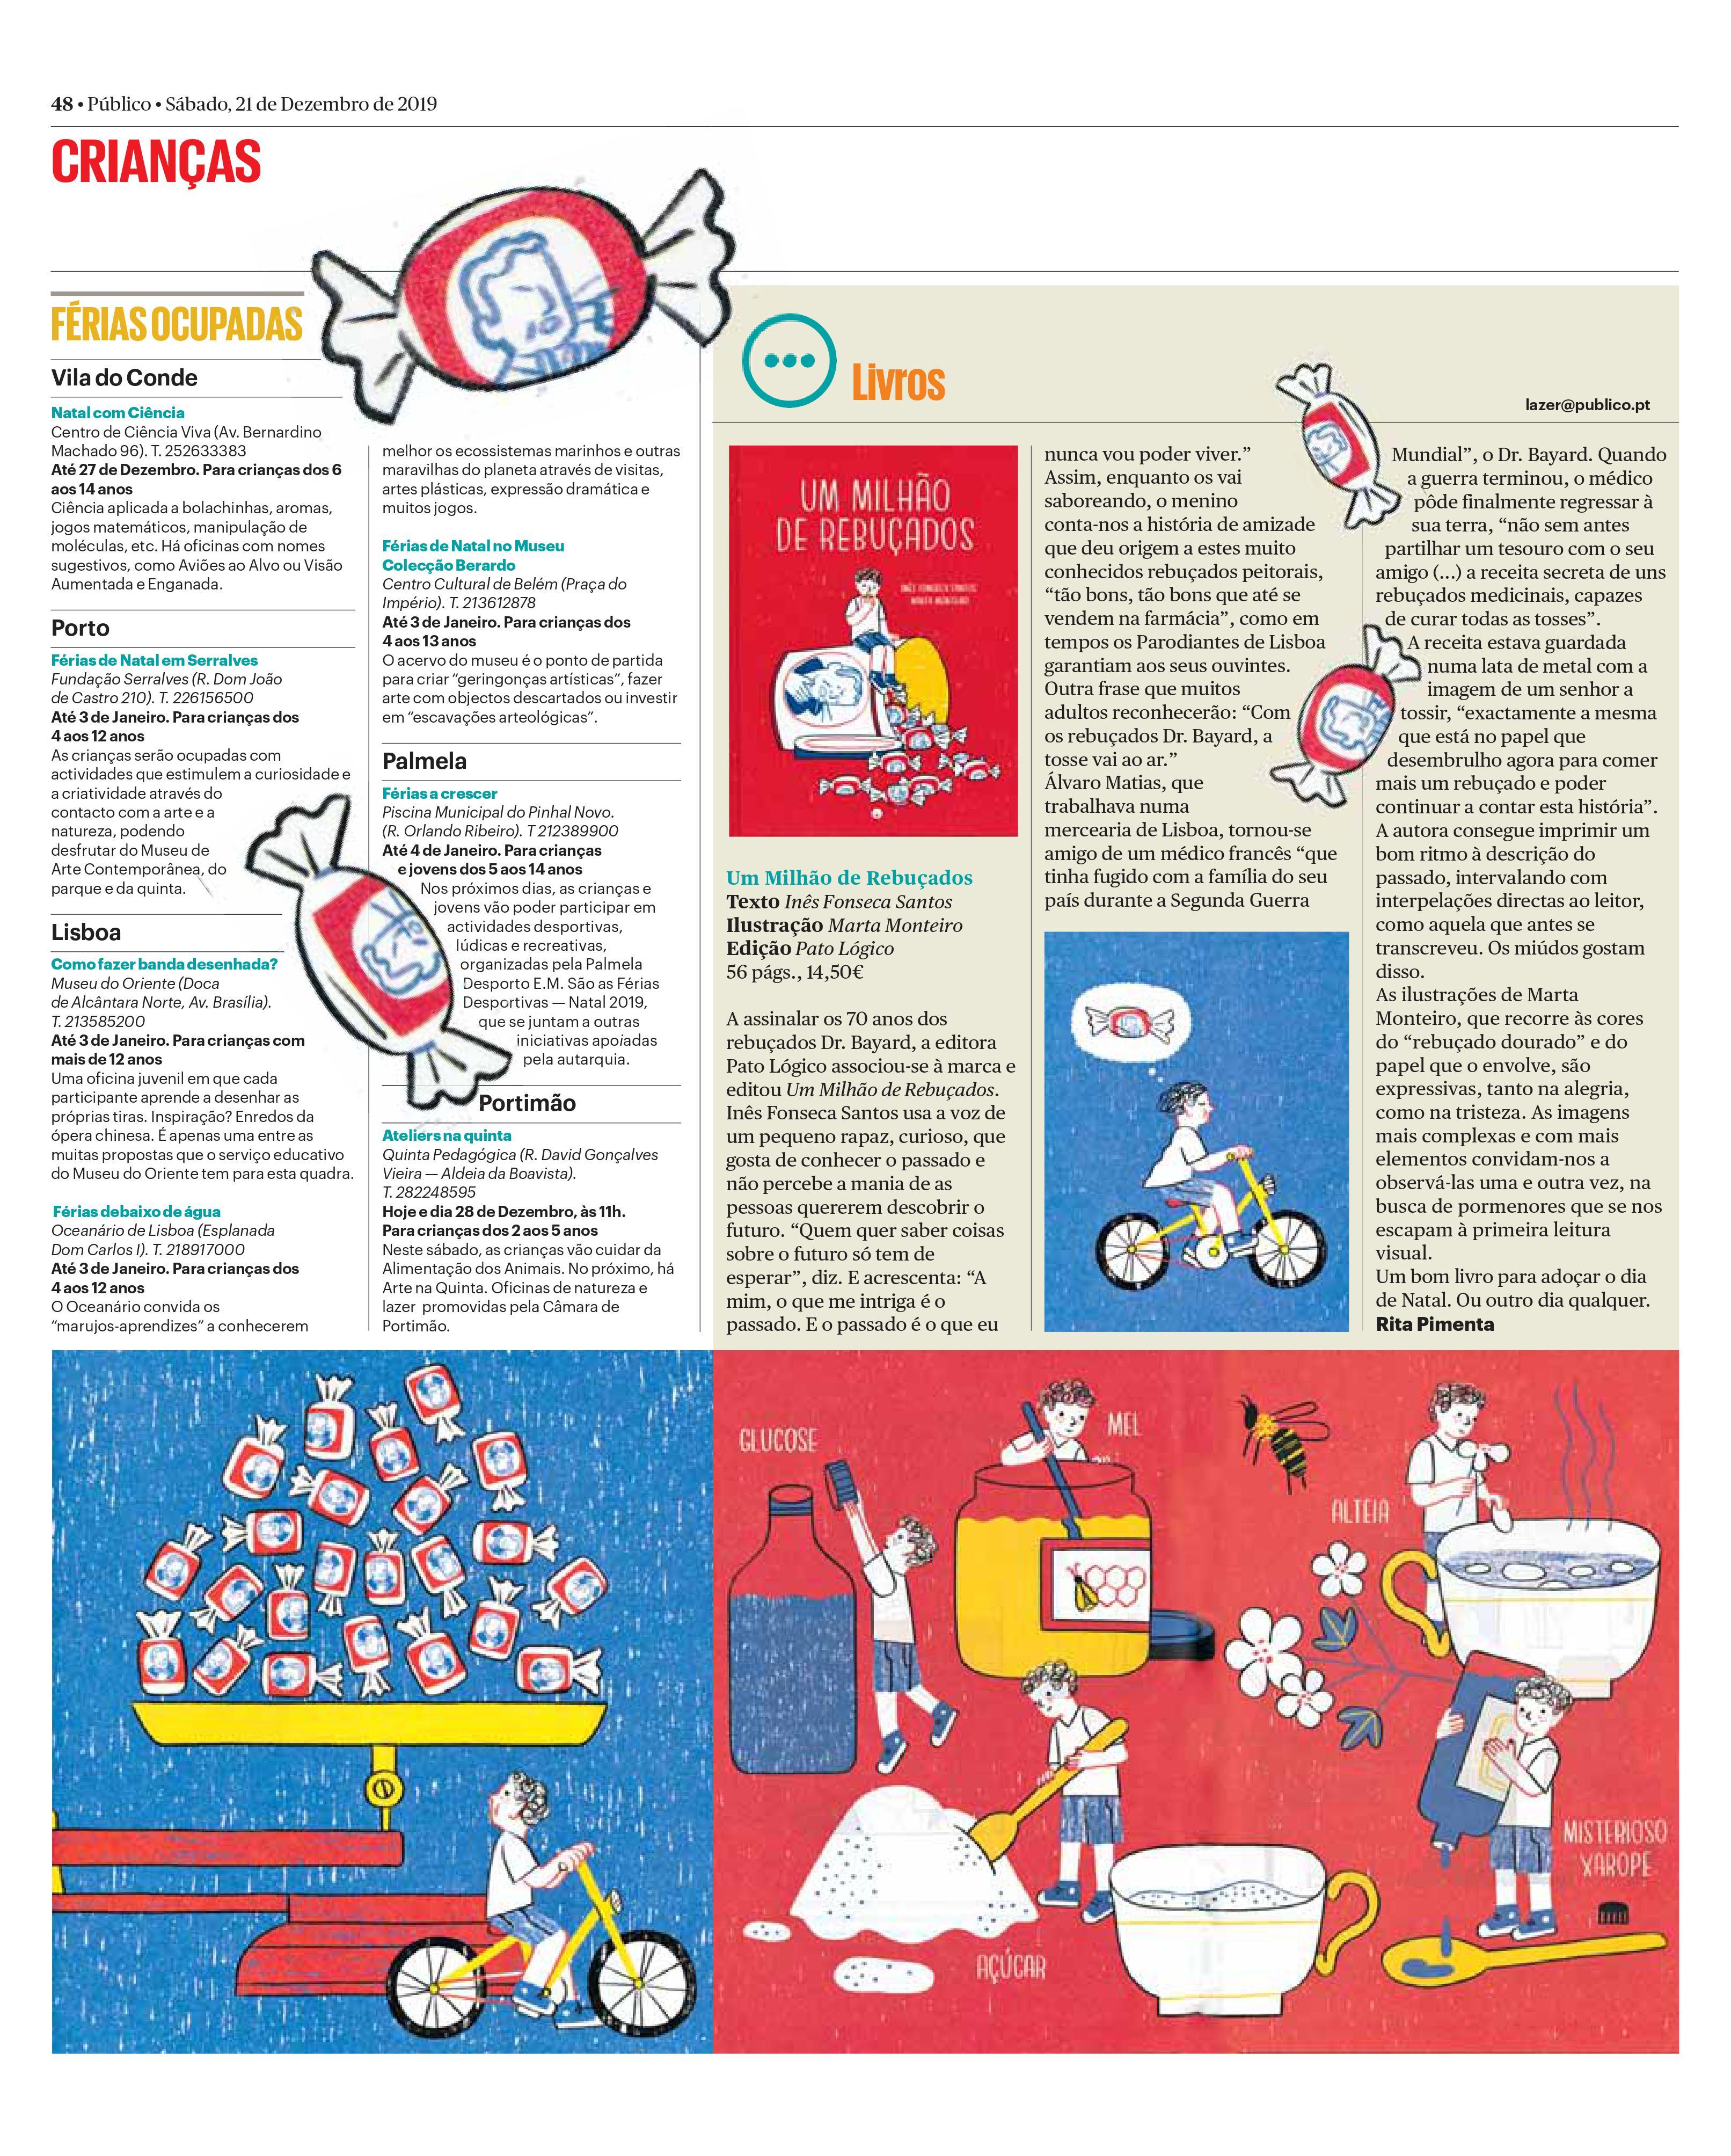 PáginaCriançasRebuçados21-12-19